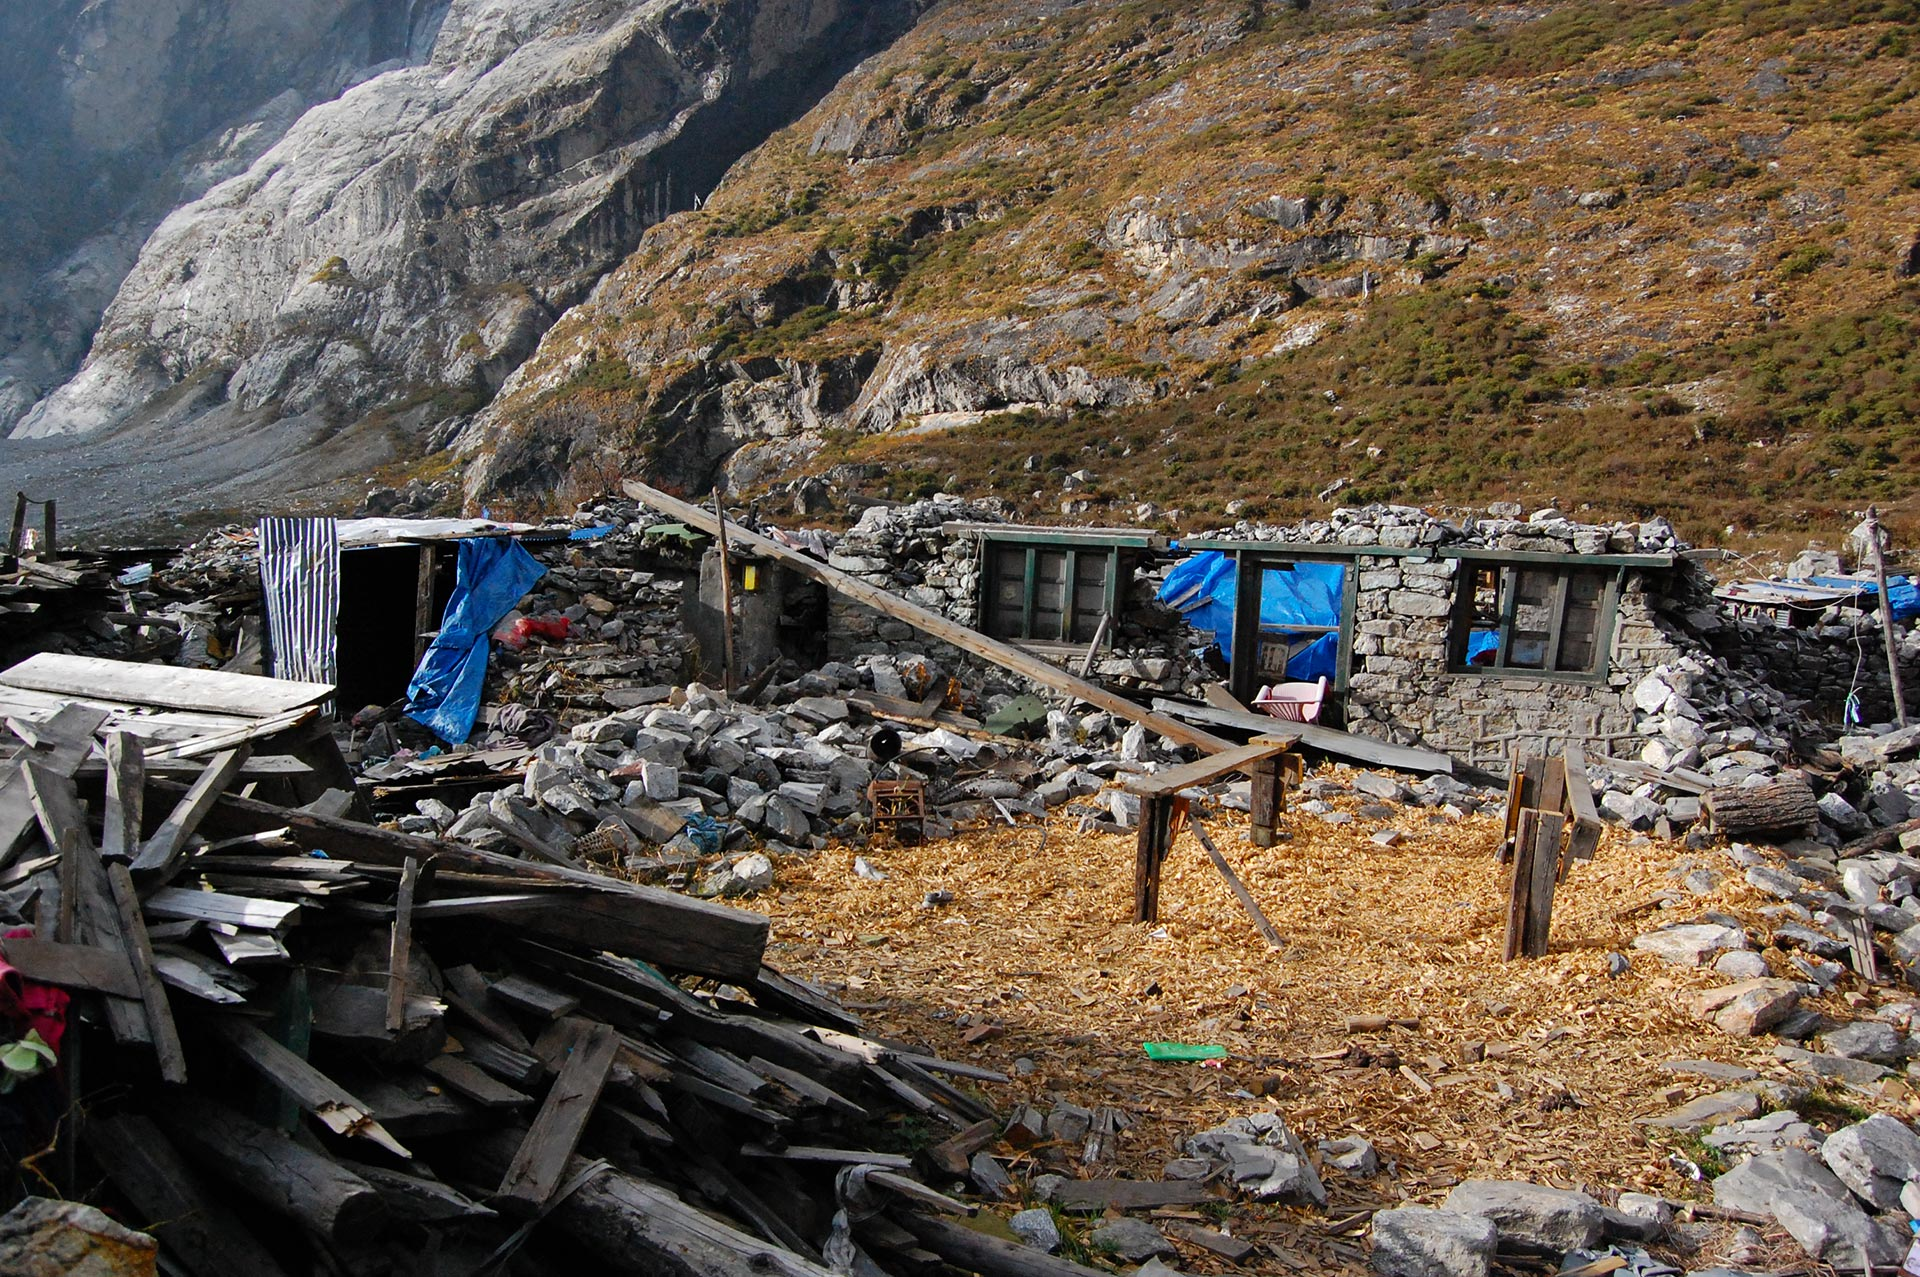 langtang nepal earthquake travel story